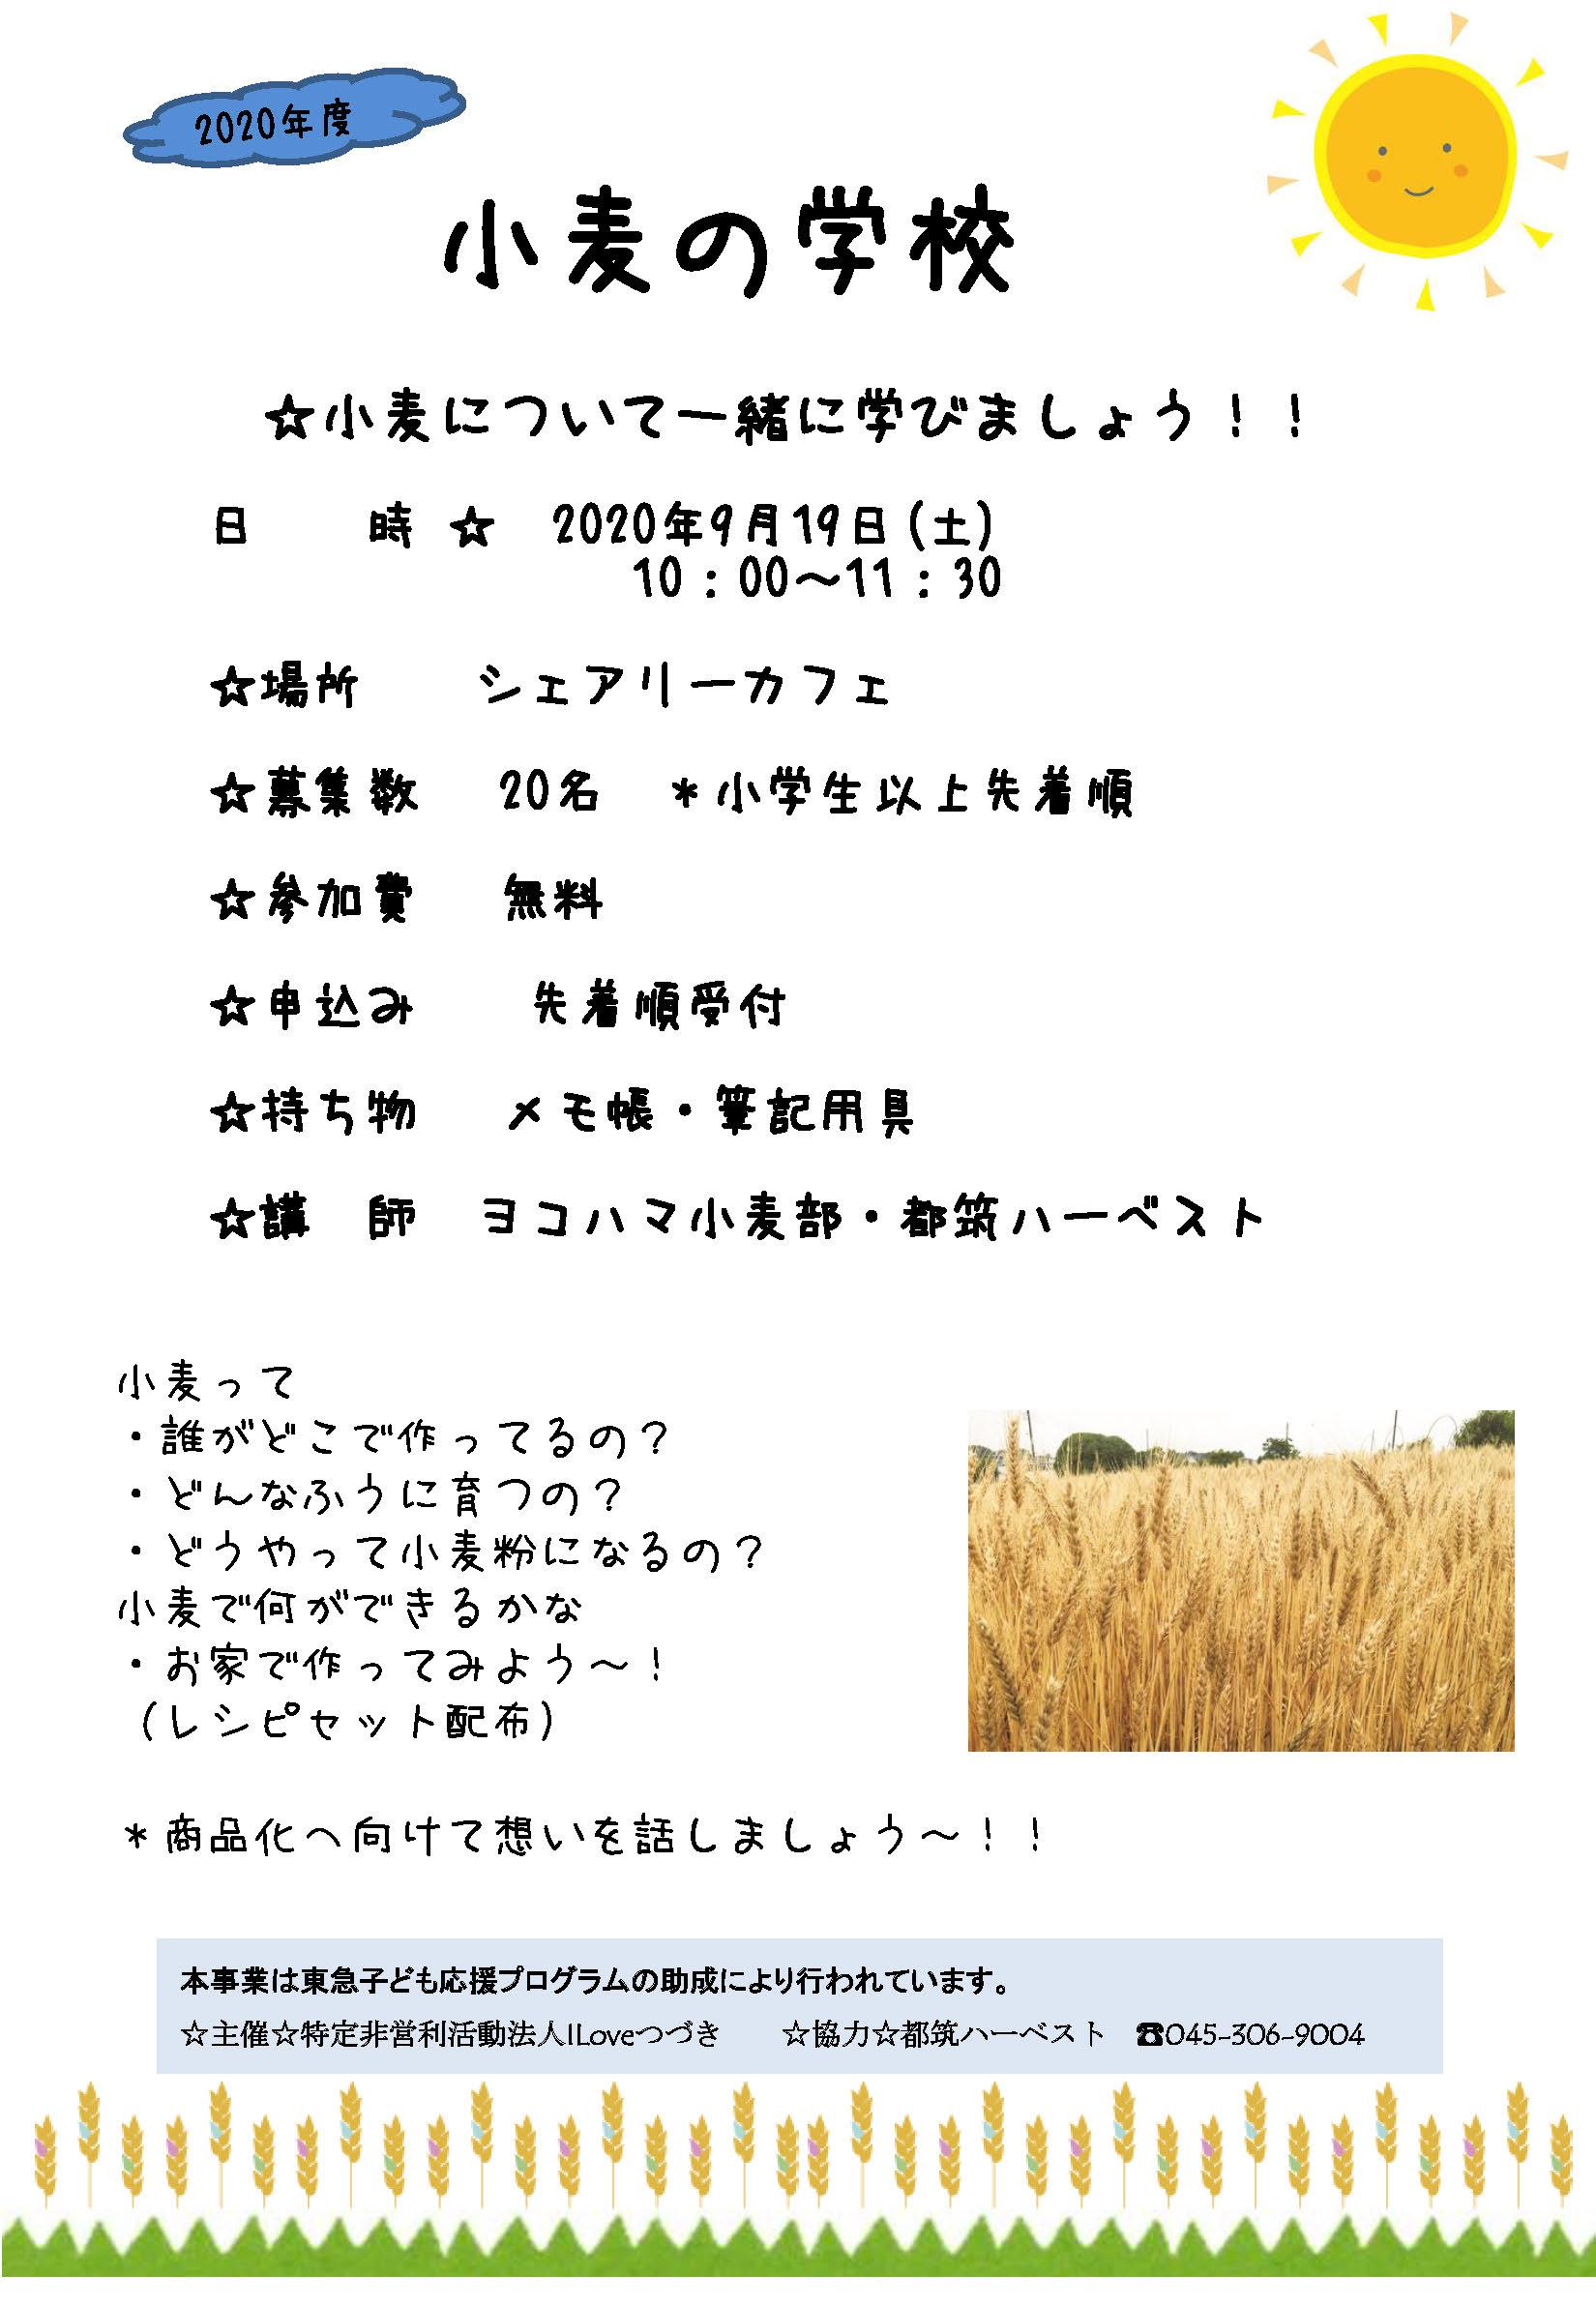 都筑こども小麦部 小麦の学校